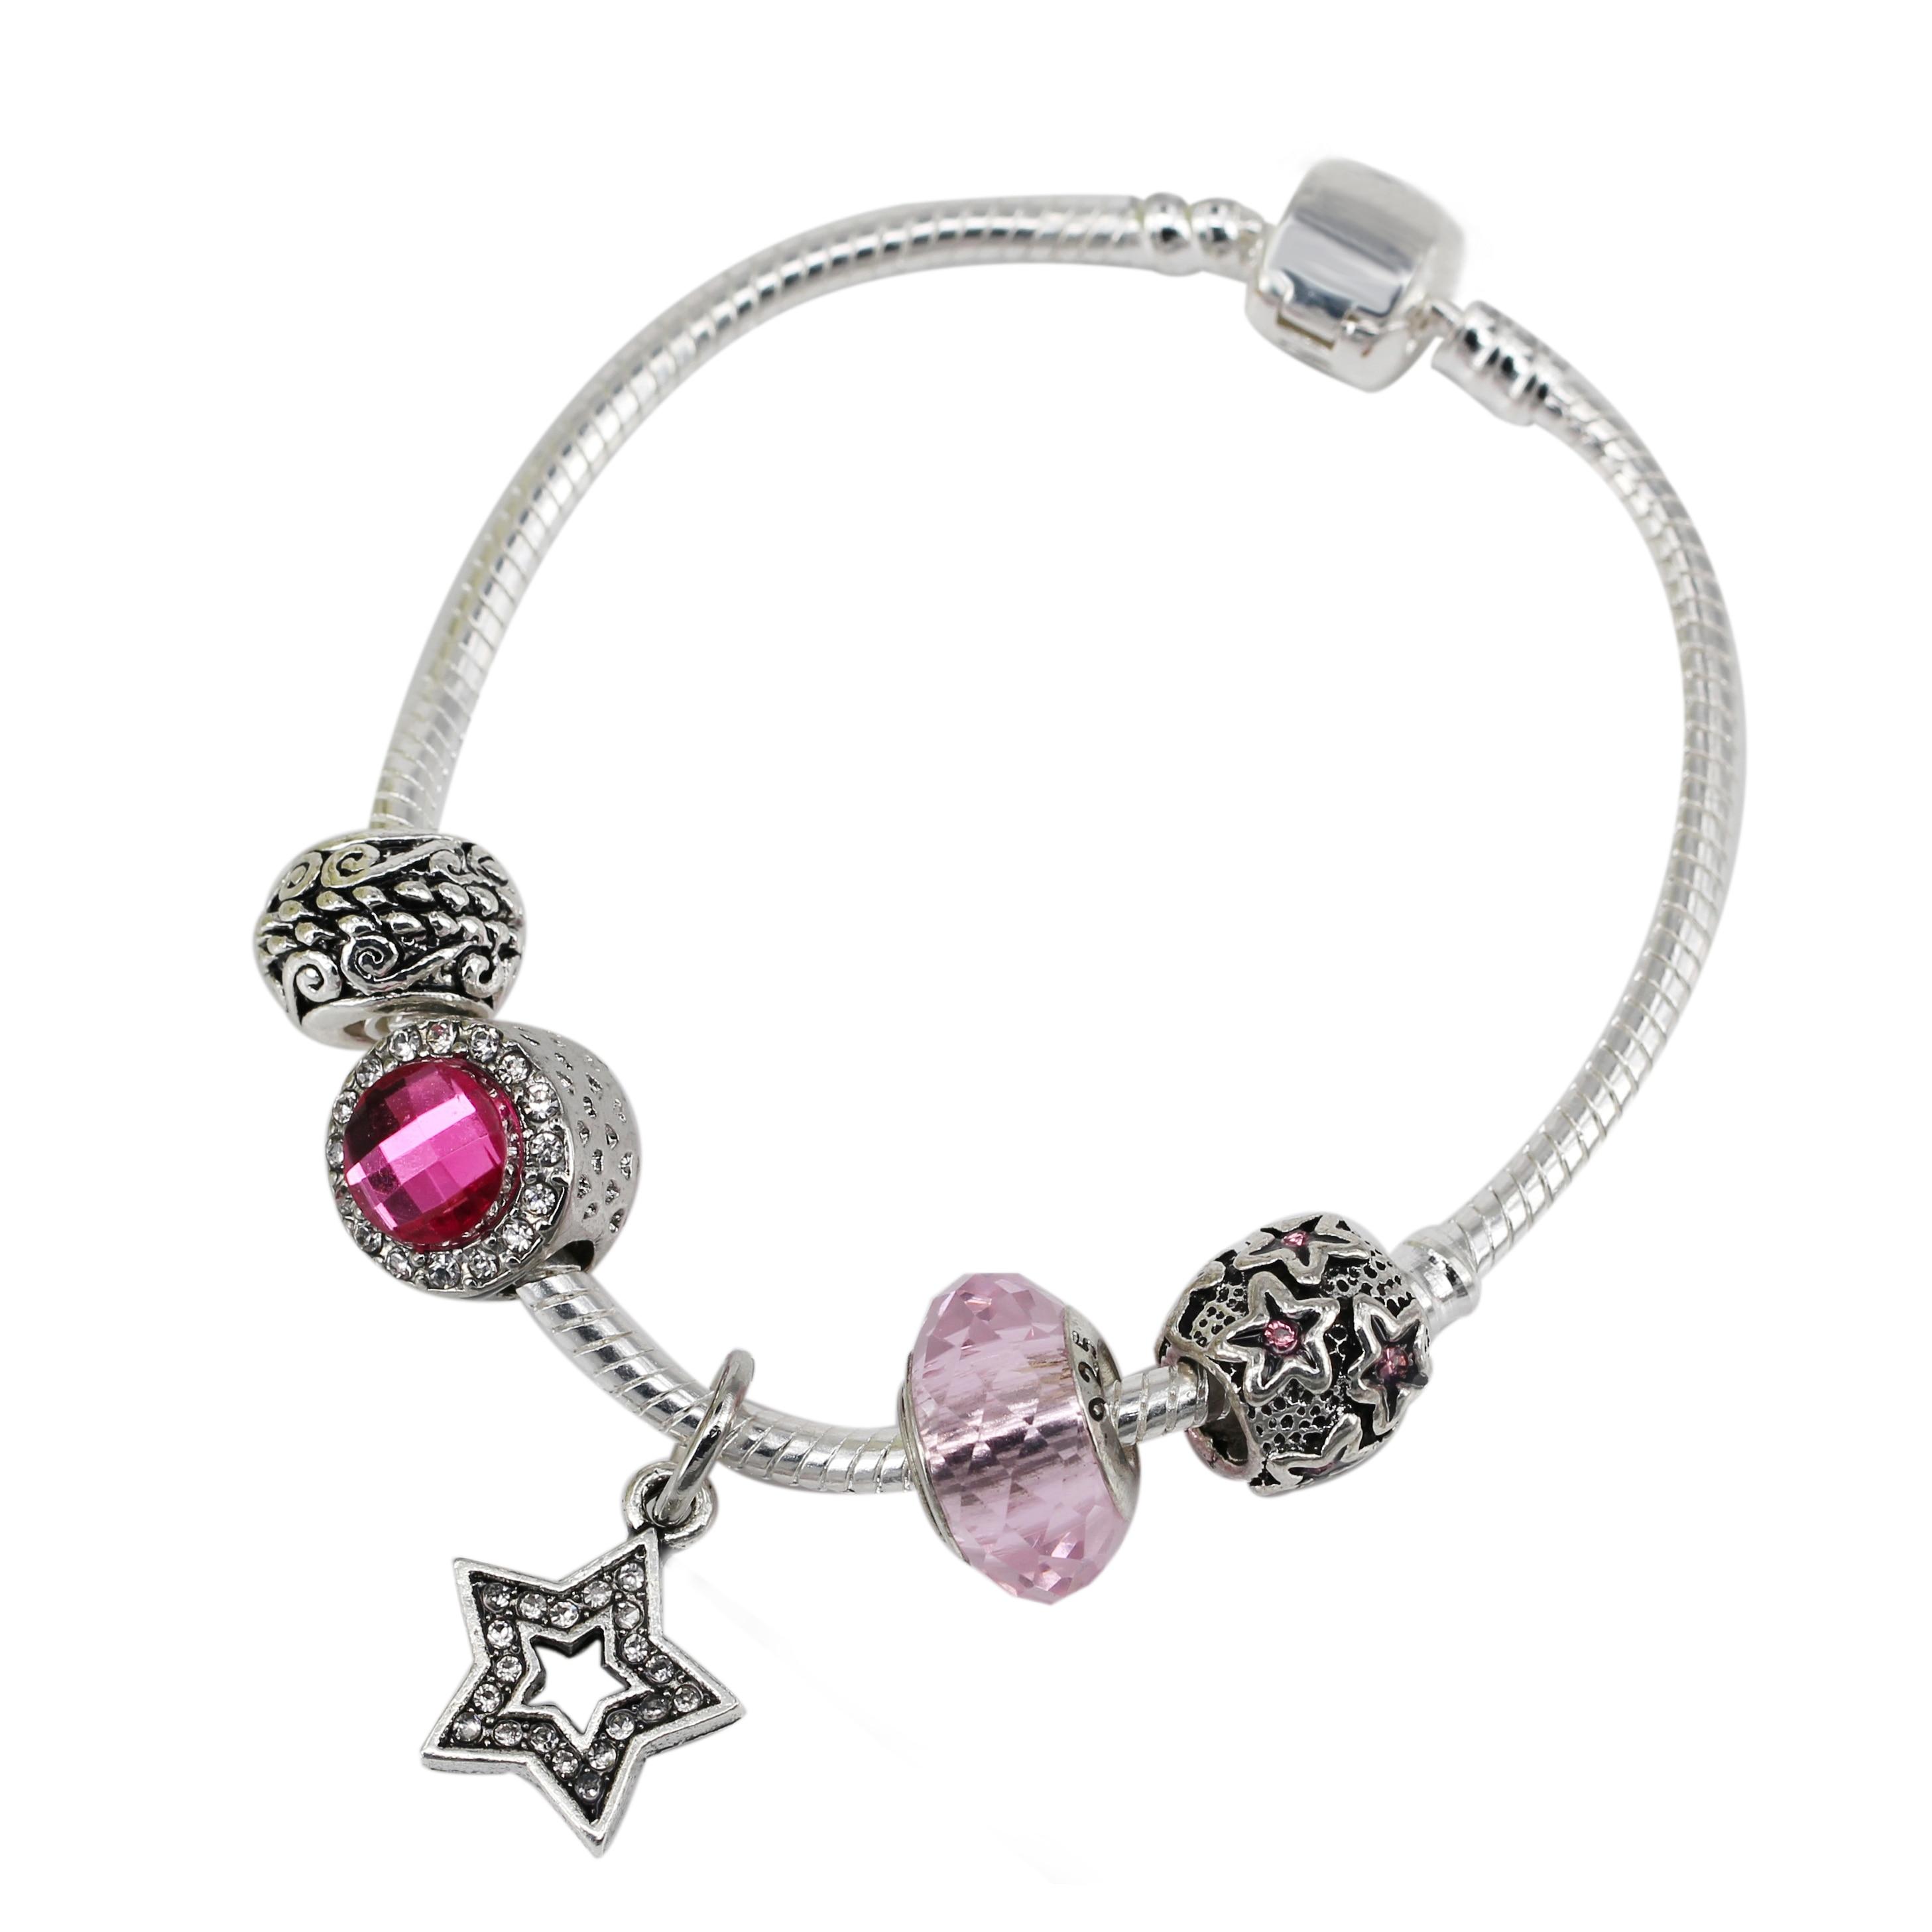 40e019b106d4 Estrella Linda colgante cristal de Murano plateado Amuletos cristal Rosa  Cuentas FIT para las pulseras de cadena brazalete DIY regalo joyería